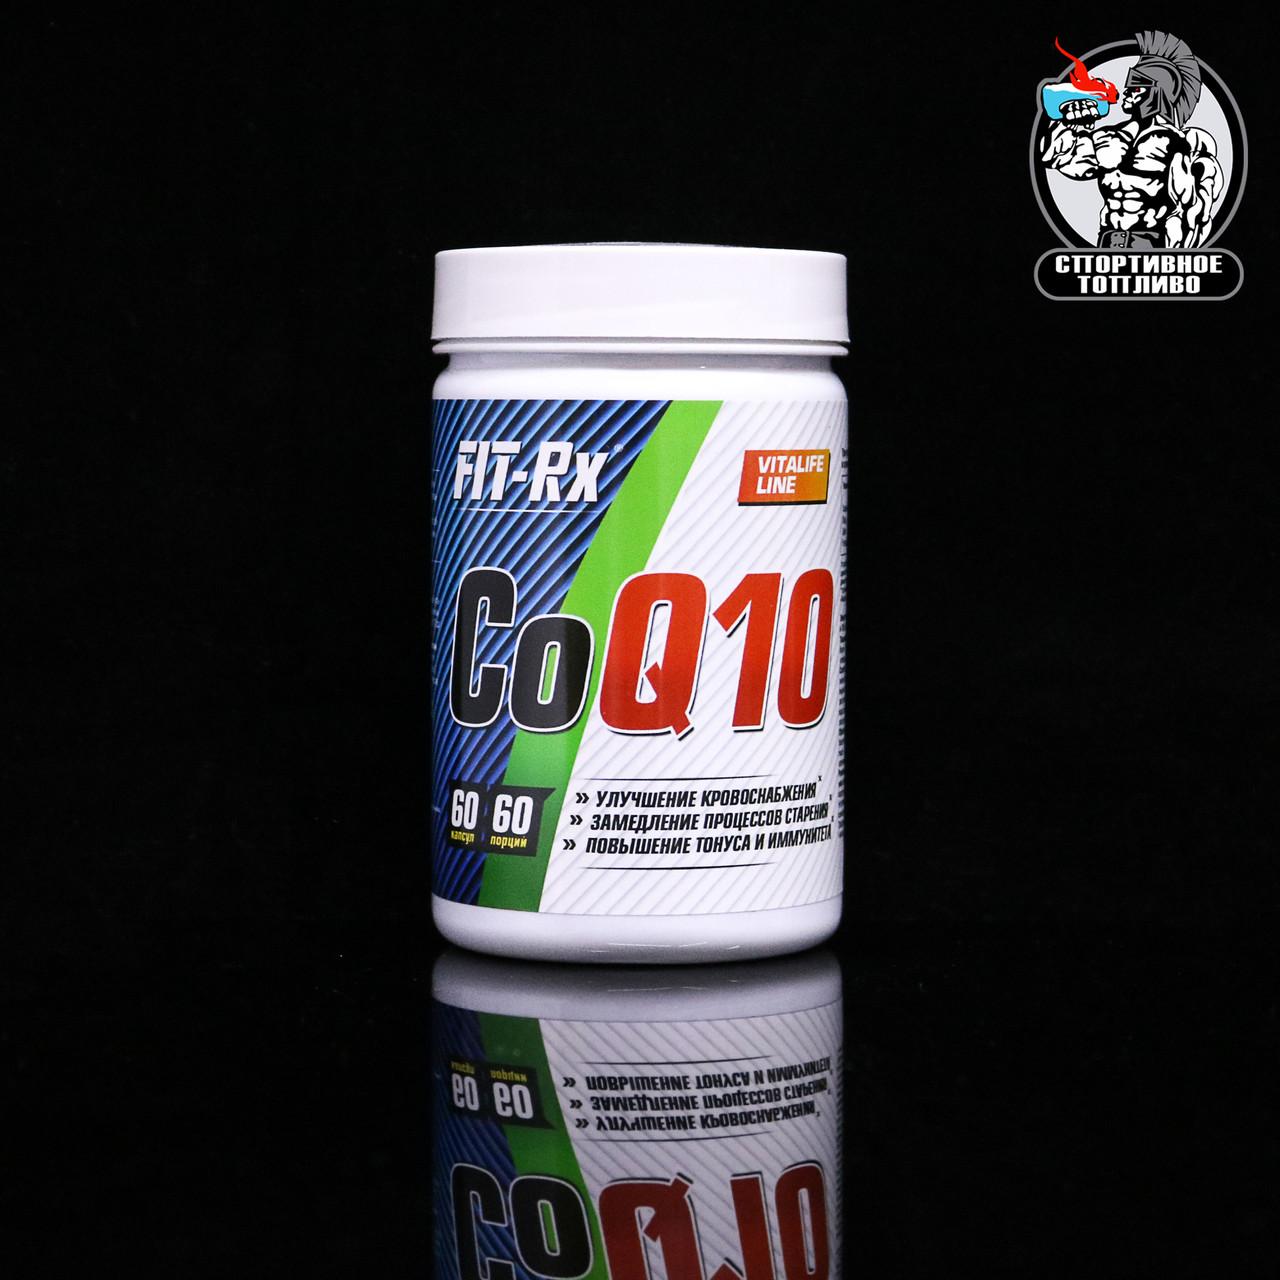 Fit-Rx - CoQ10 60капс/60порций